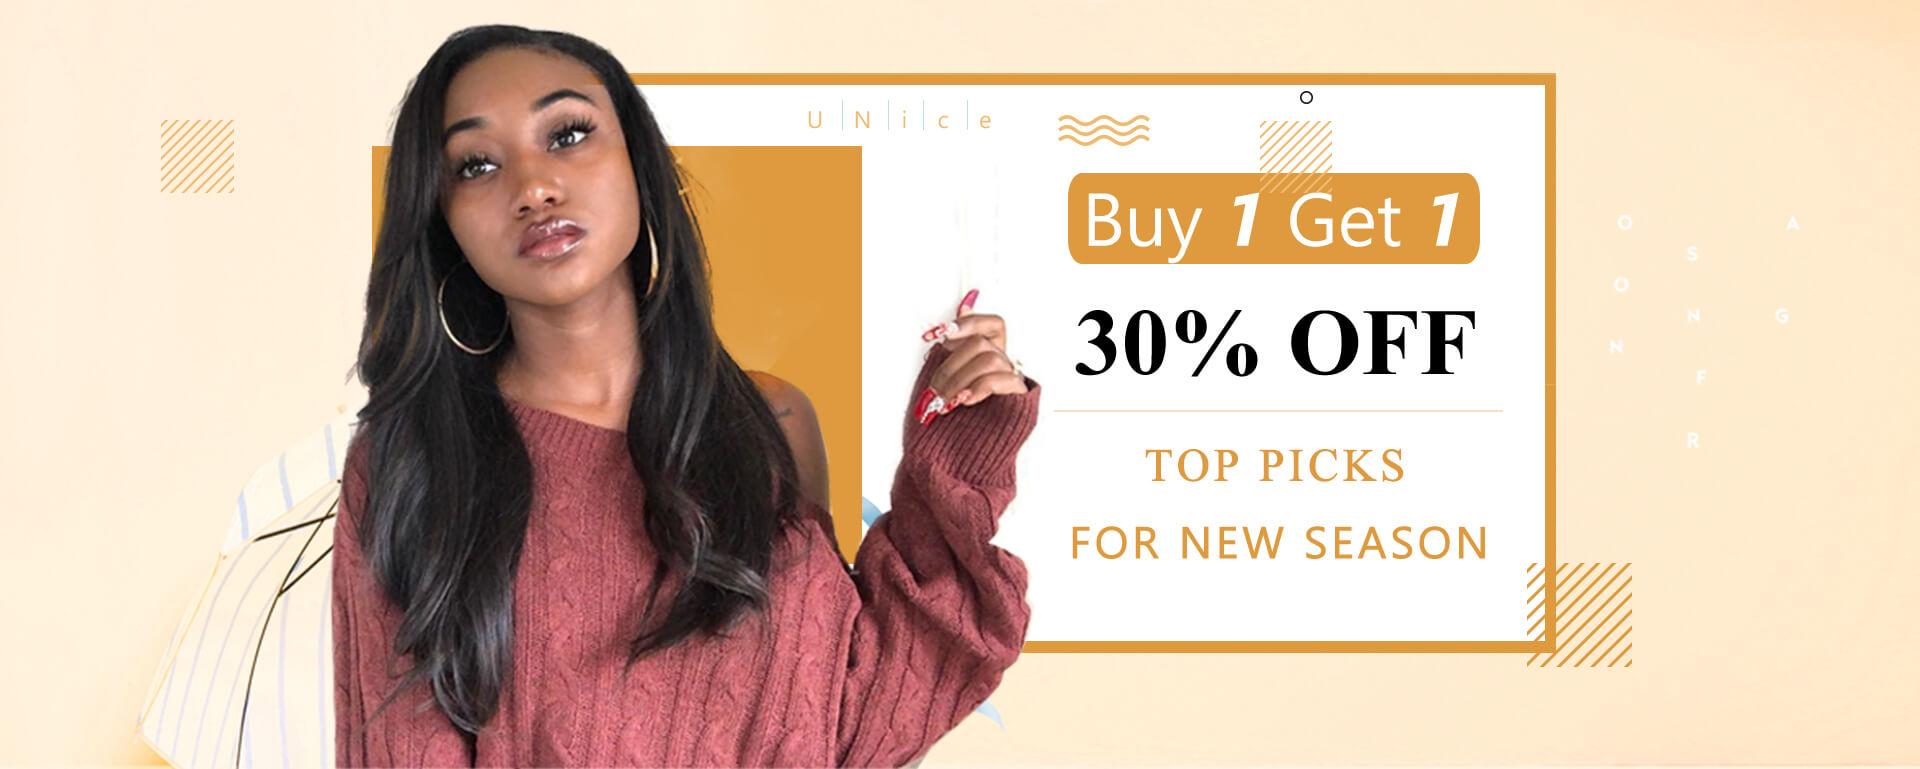 Buy 1 Get 1 30% Off.